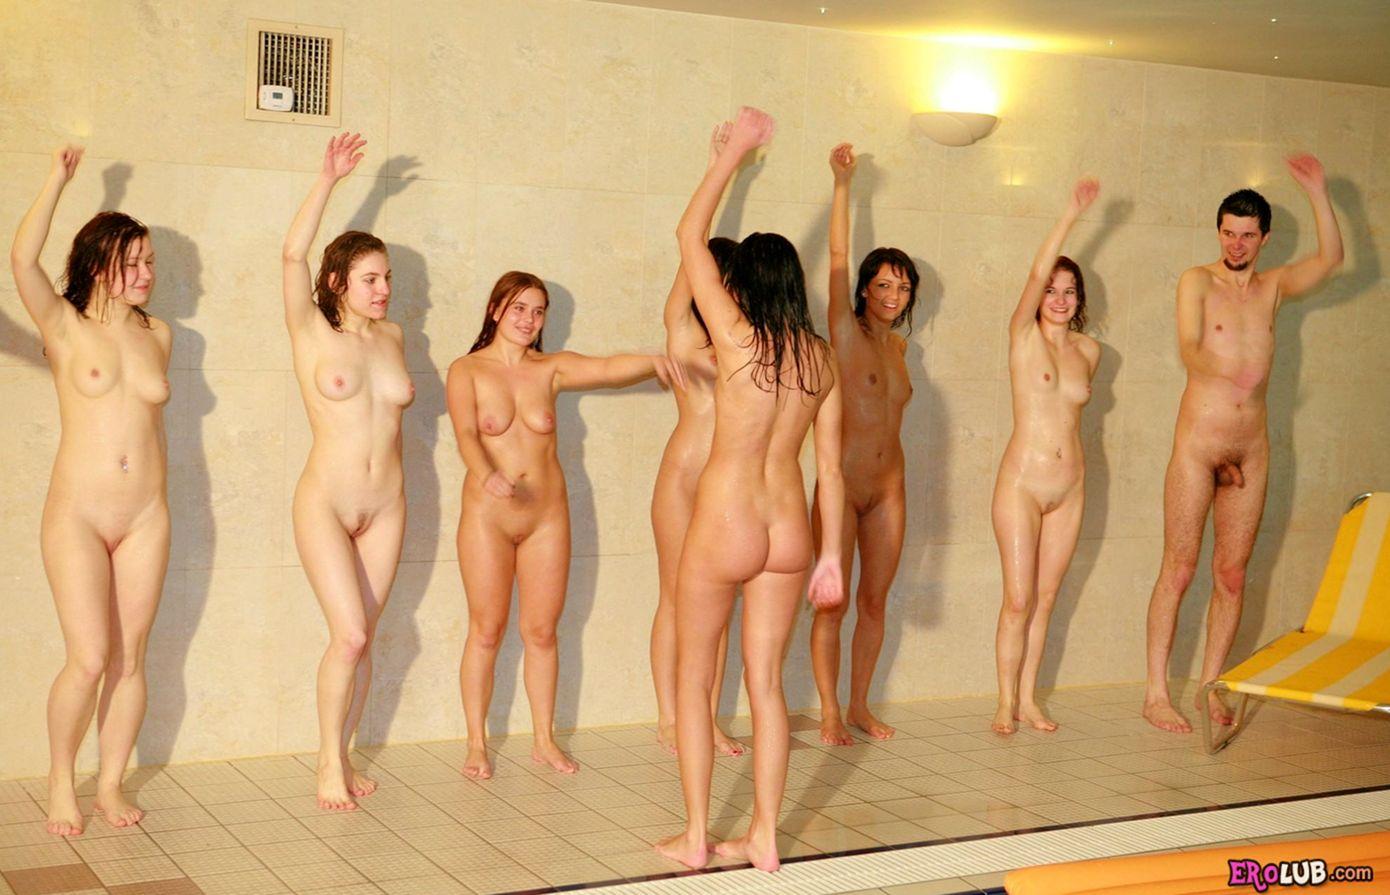 Фото трех голых девчонок 16 фотография